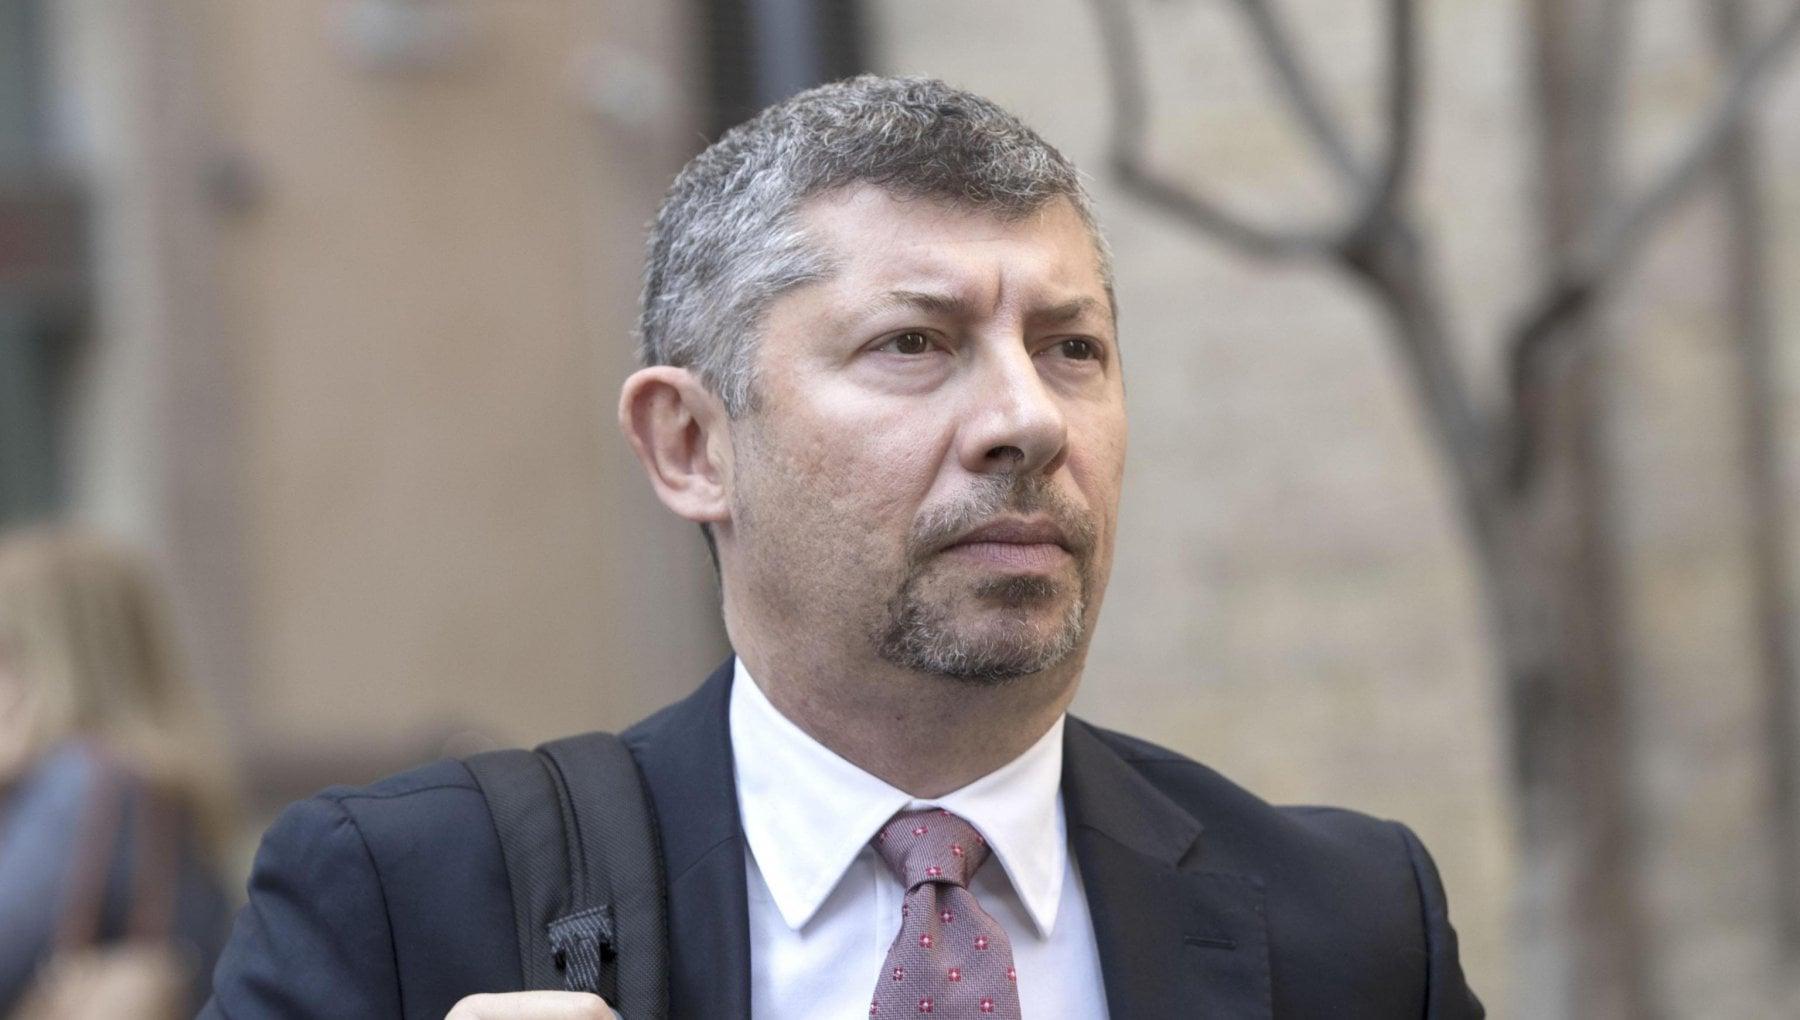 Crisi di governo Scalfarotto Iv Macche sabotatori siamo pronti al dialogo se questo esecutivo si dimette